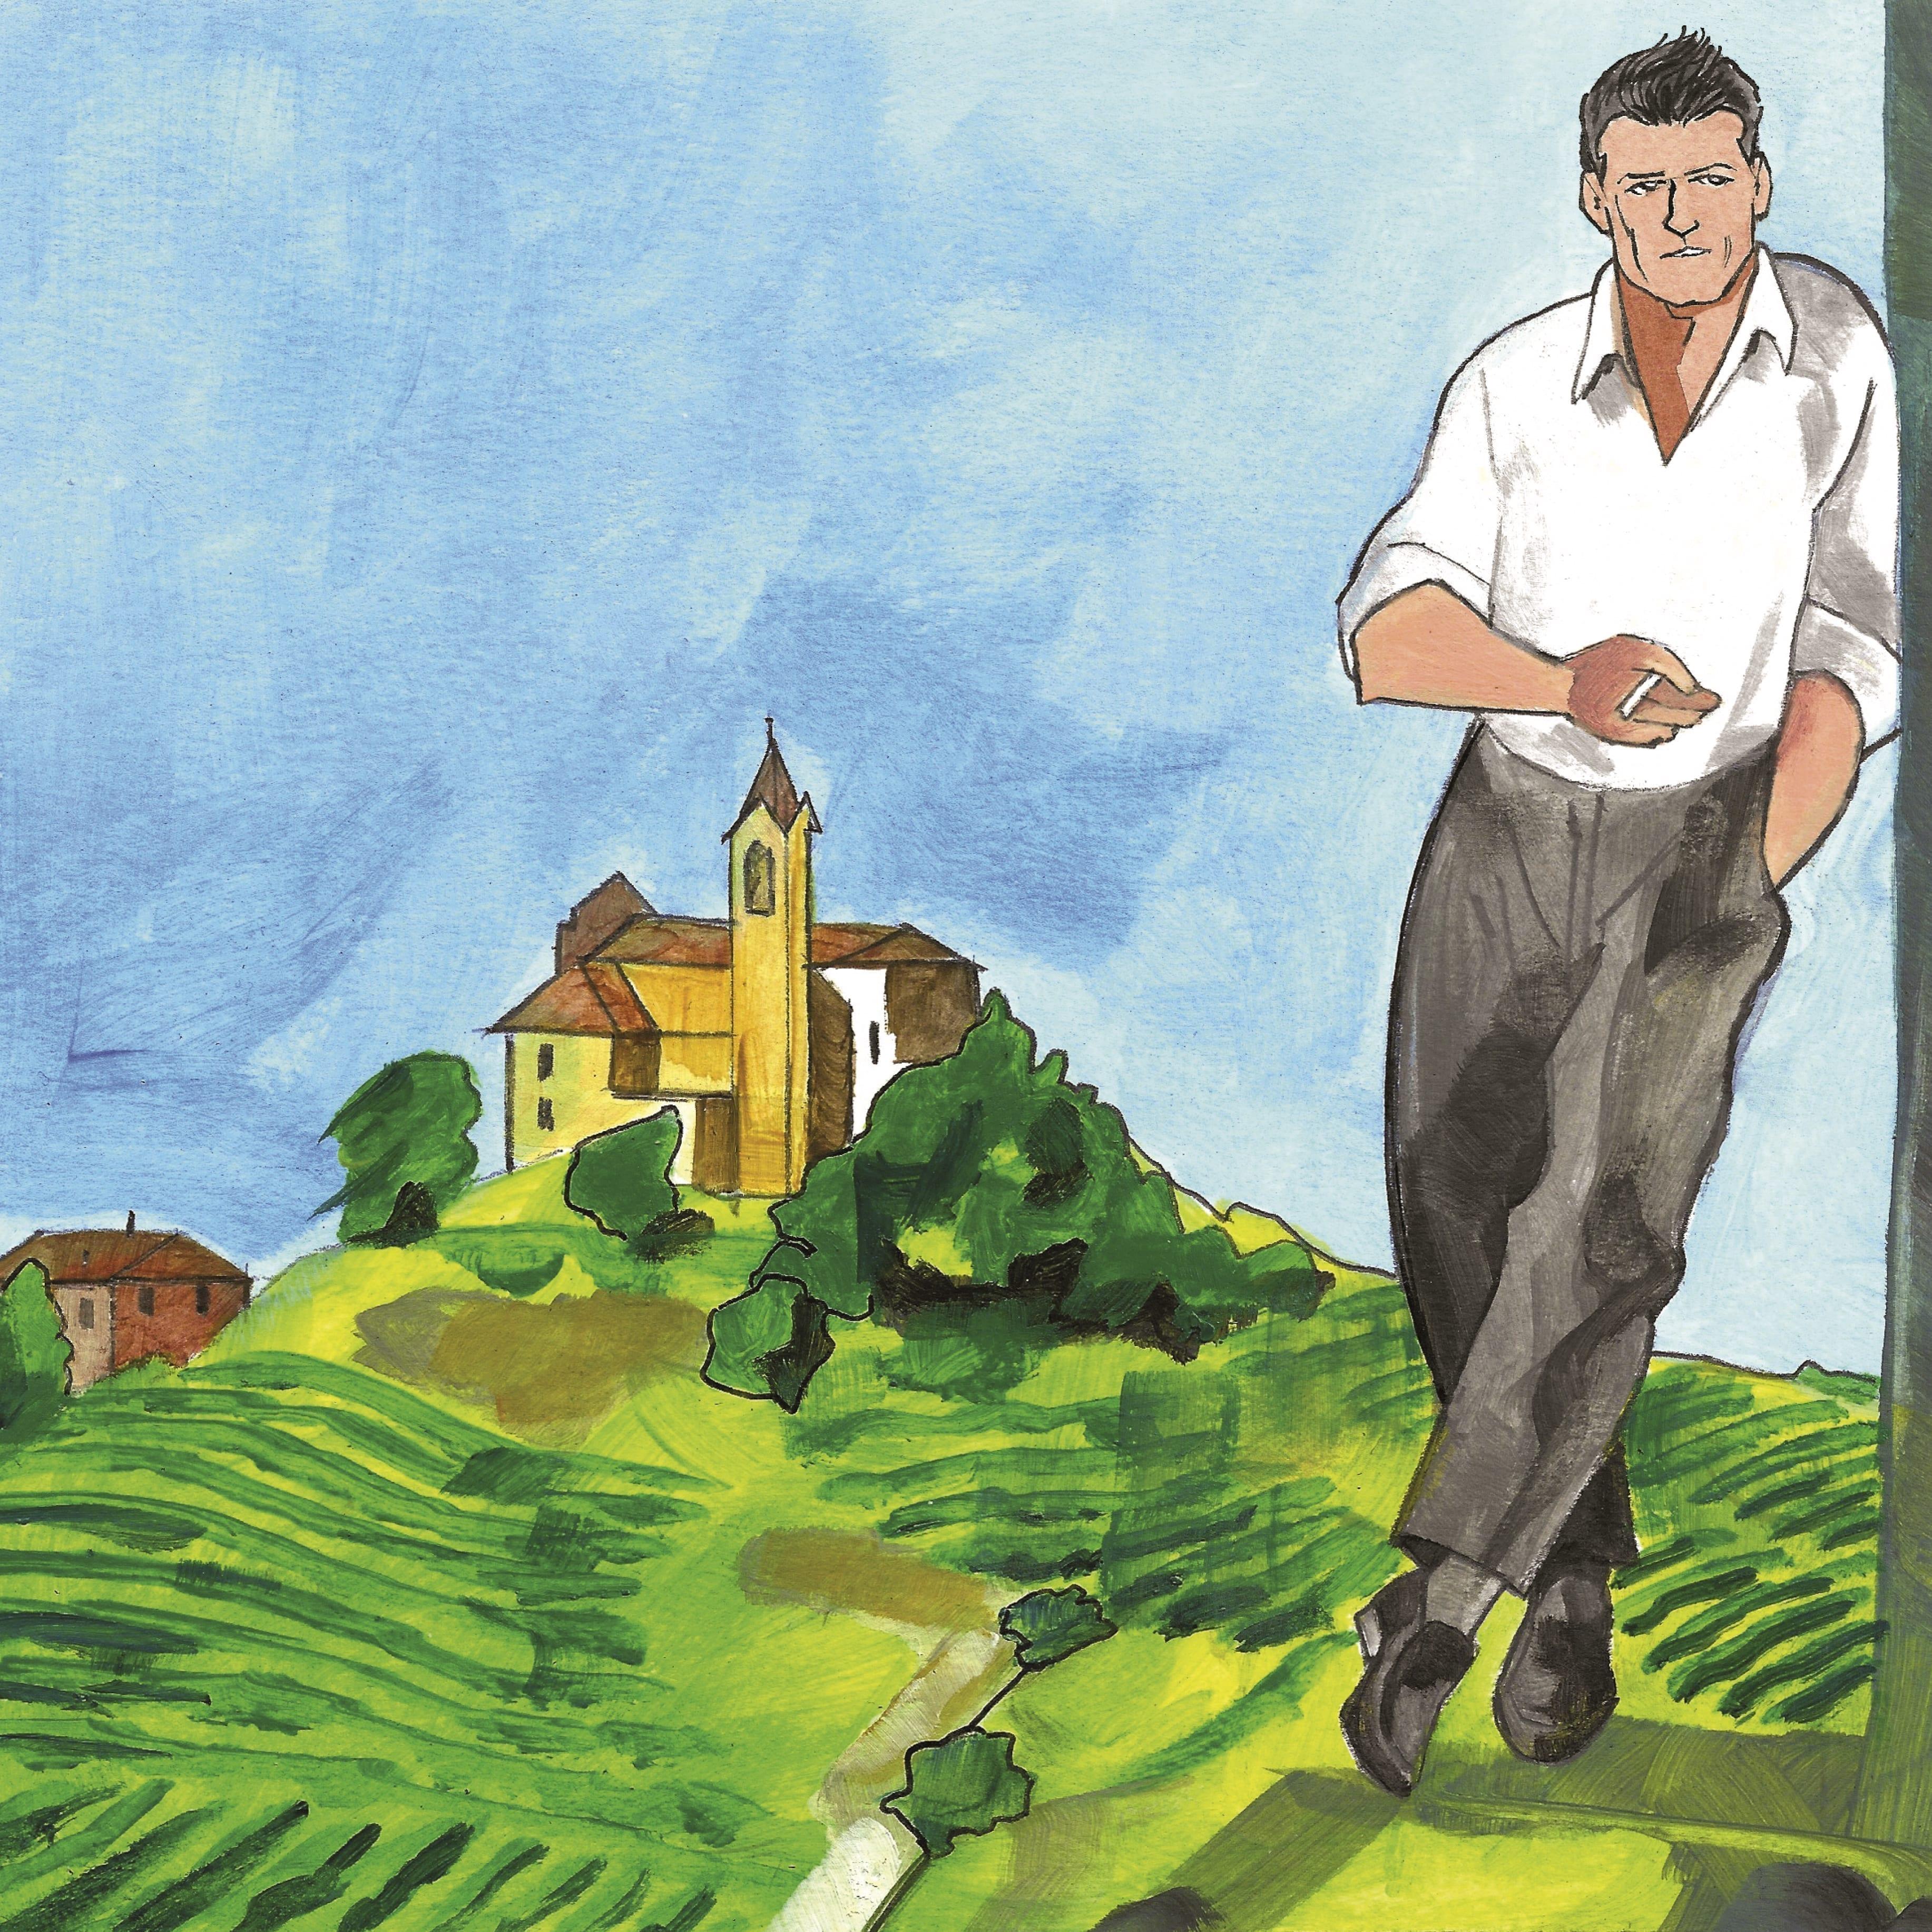 La luna e i falò di Cesare Pavese adattamento in graphic novel